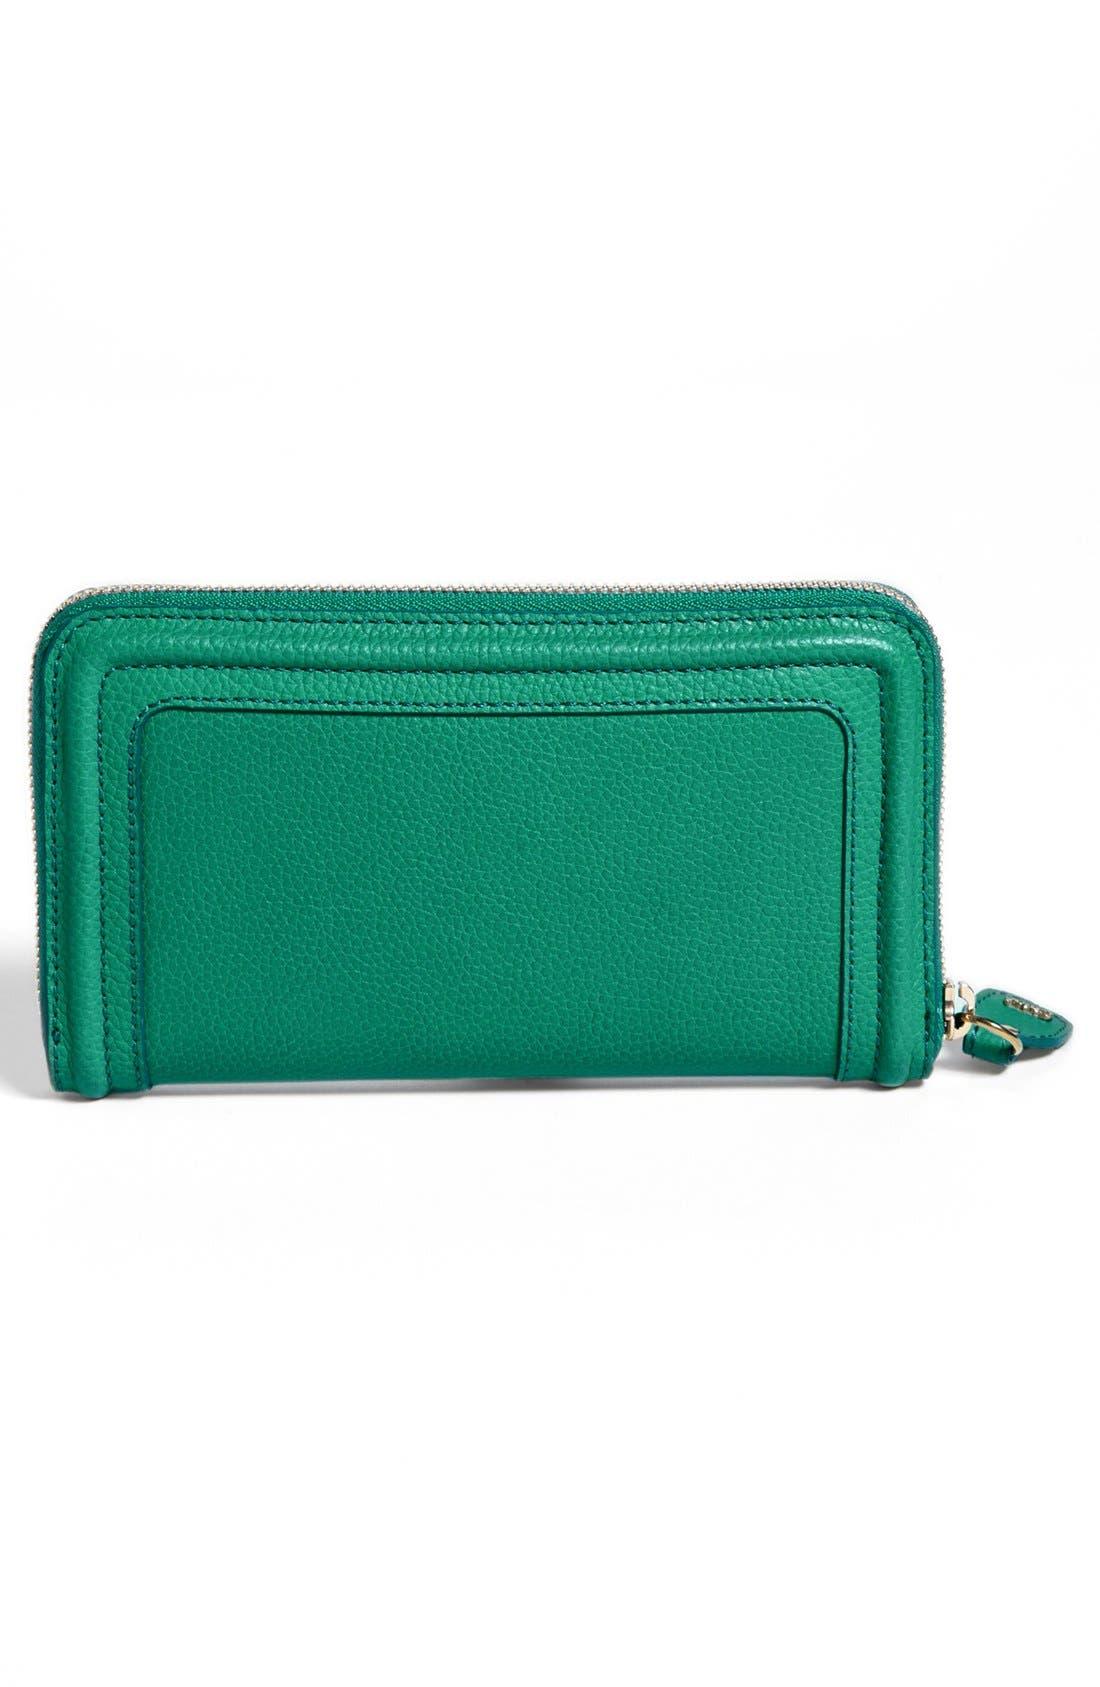 Alternate Image 3  - Chloé 'Paraty' Zip Around Calfskin Leather Wallet